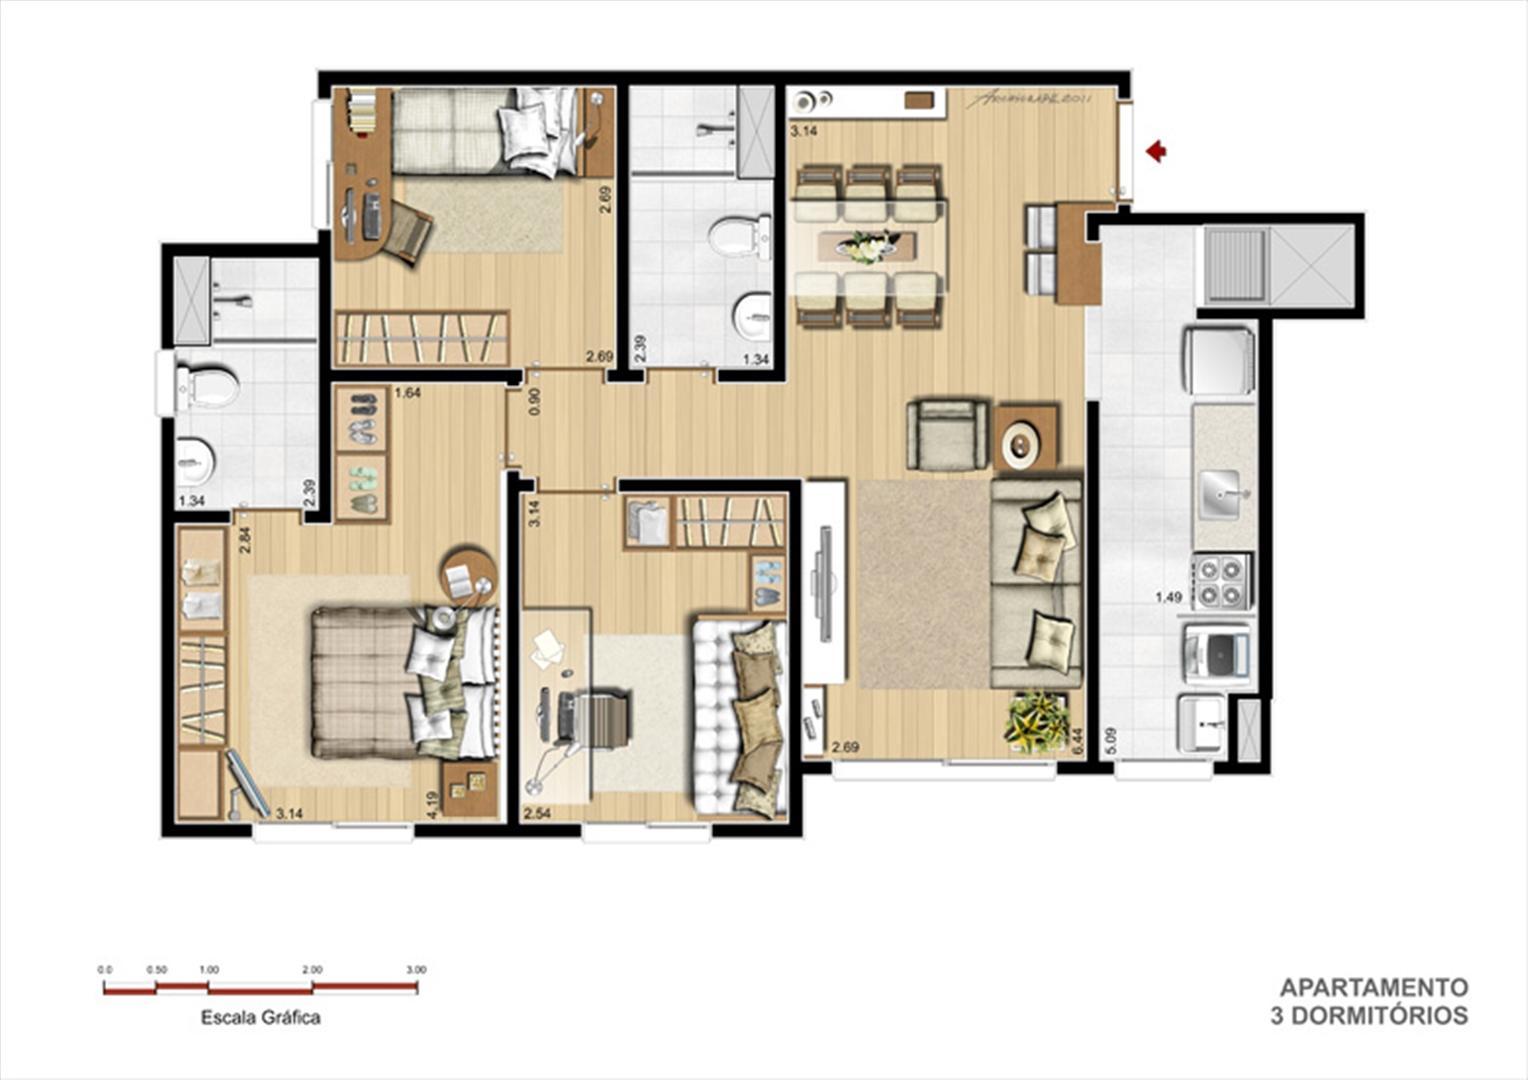 Planta 3dorm | You Condomínio Clube – Apartamento  próximo ao Zaffari Center Lar - Porto Alegre - Rio Grande do Sul